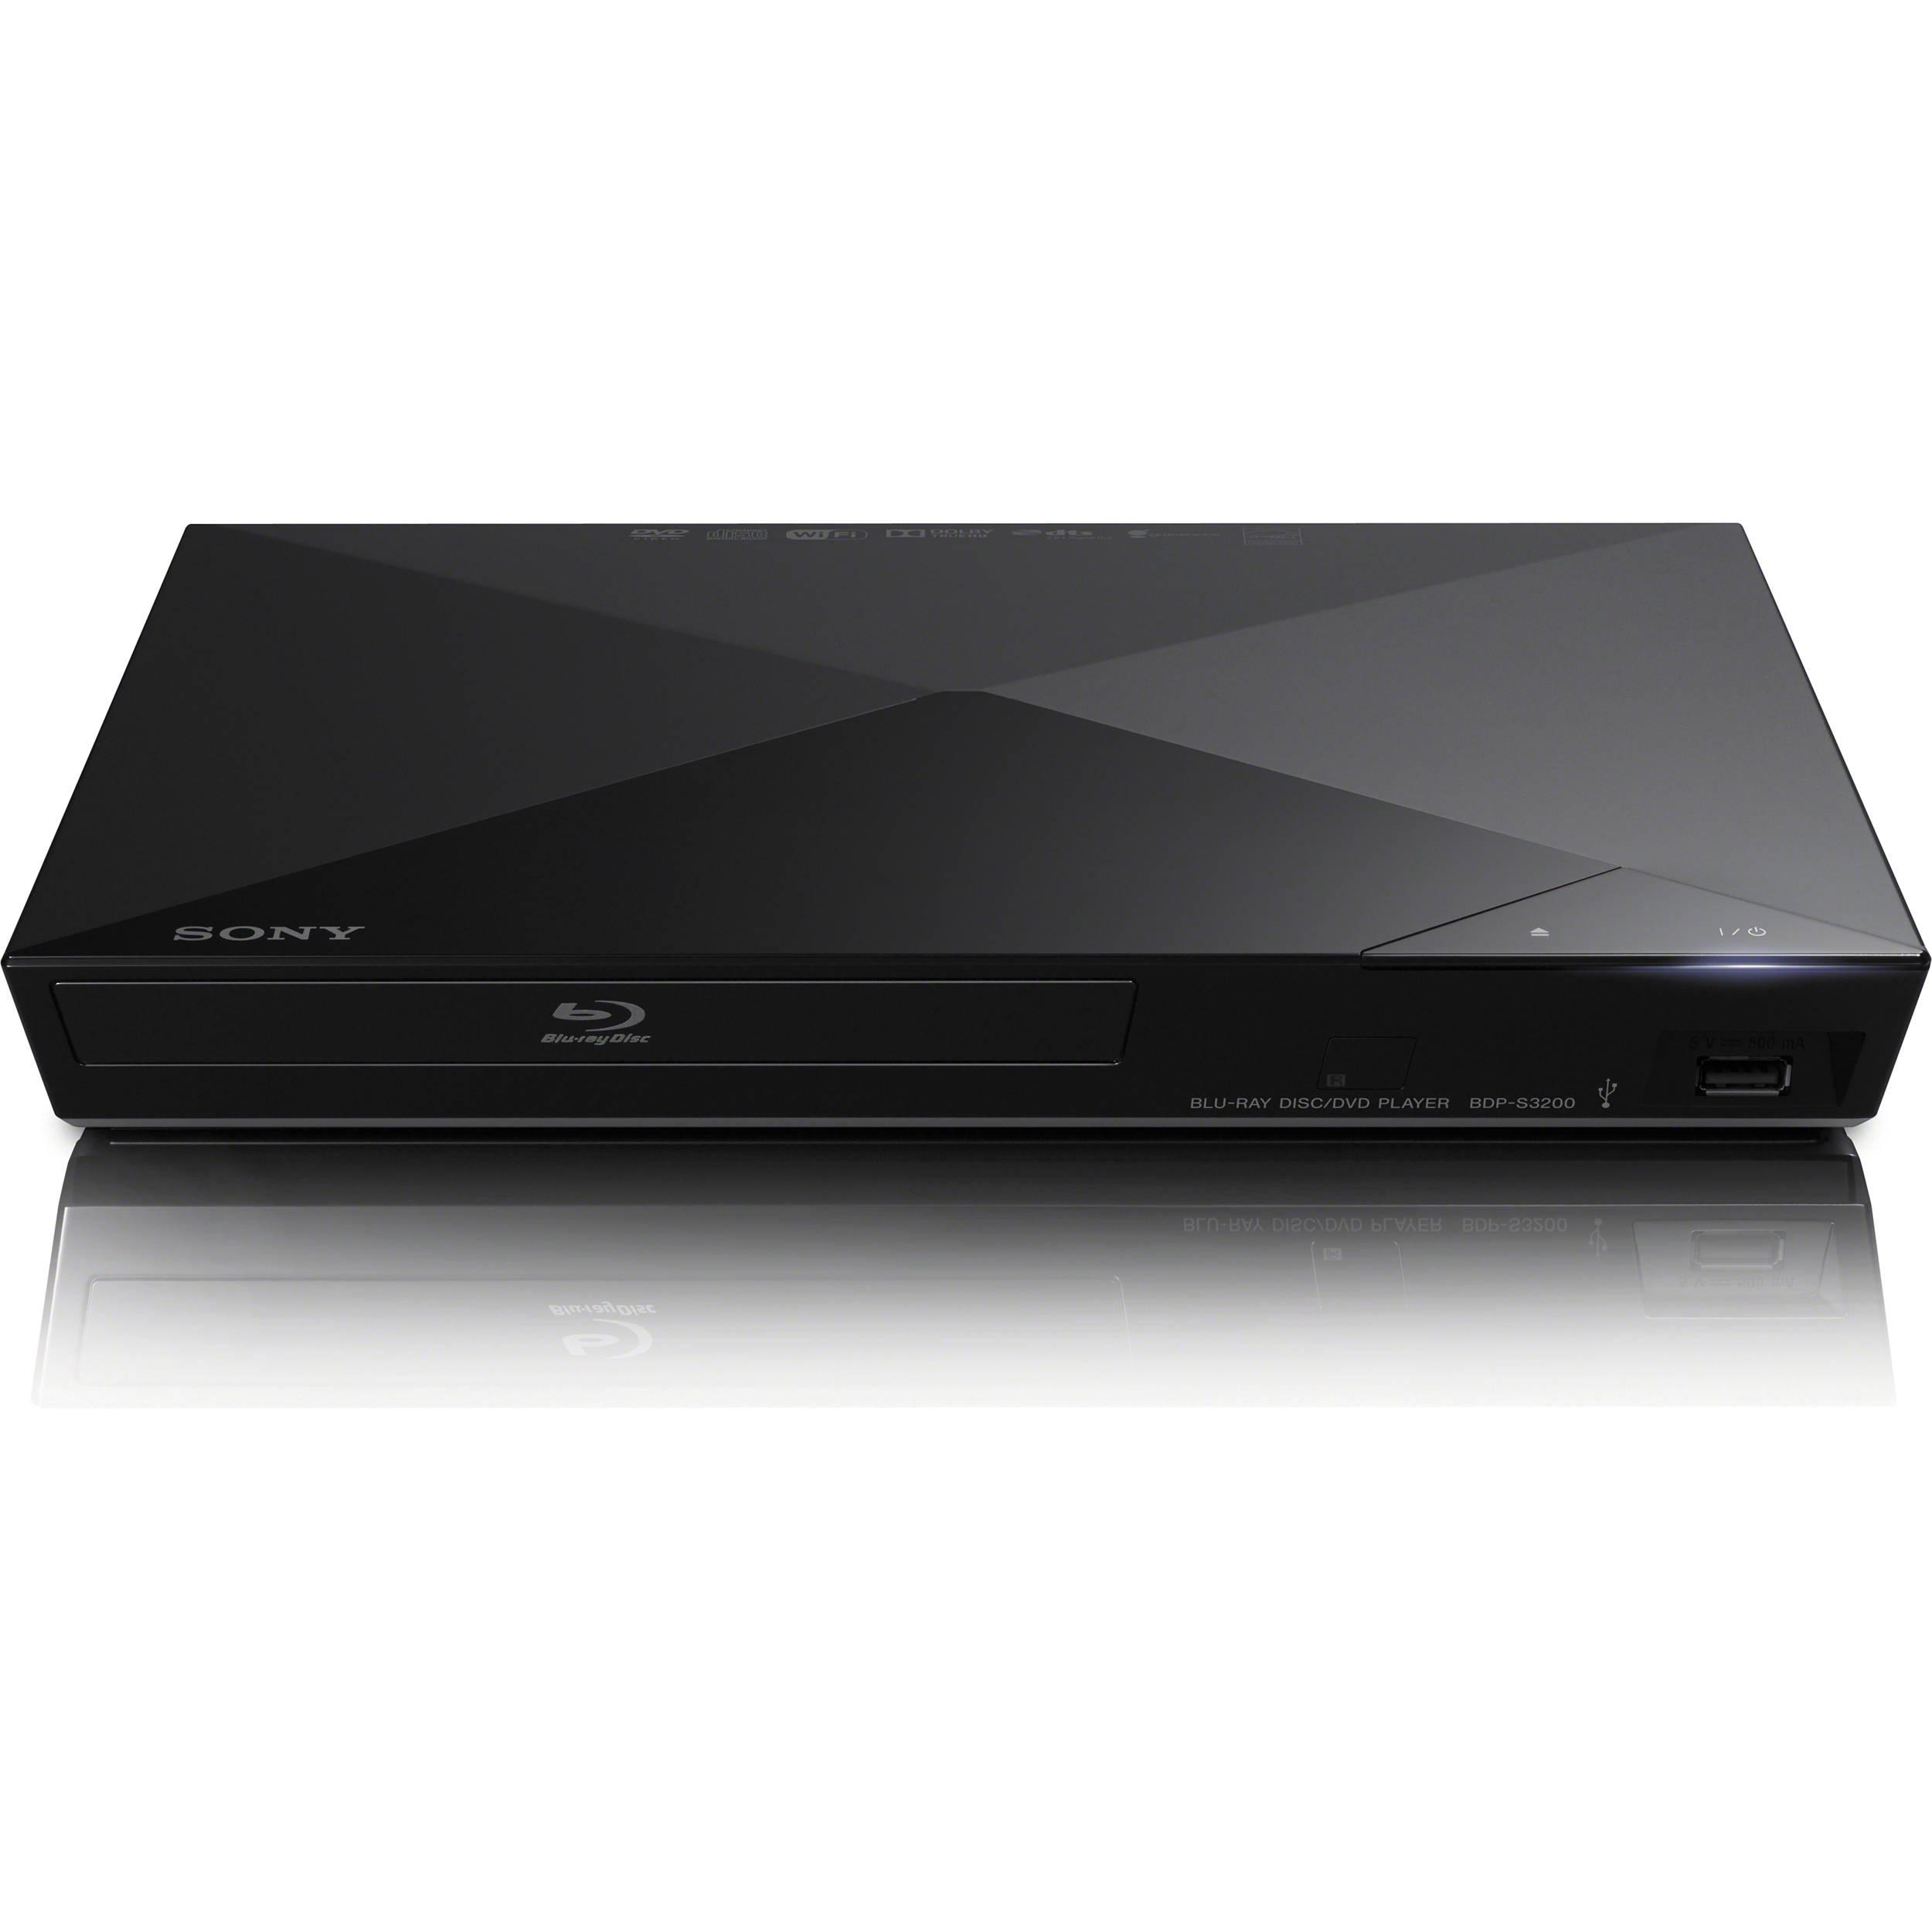 sony bdp s3200 wi fi blu ray disc player bdp s3200 b h photo. Black Bedroom Furniture Sets. Home Design Ideas